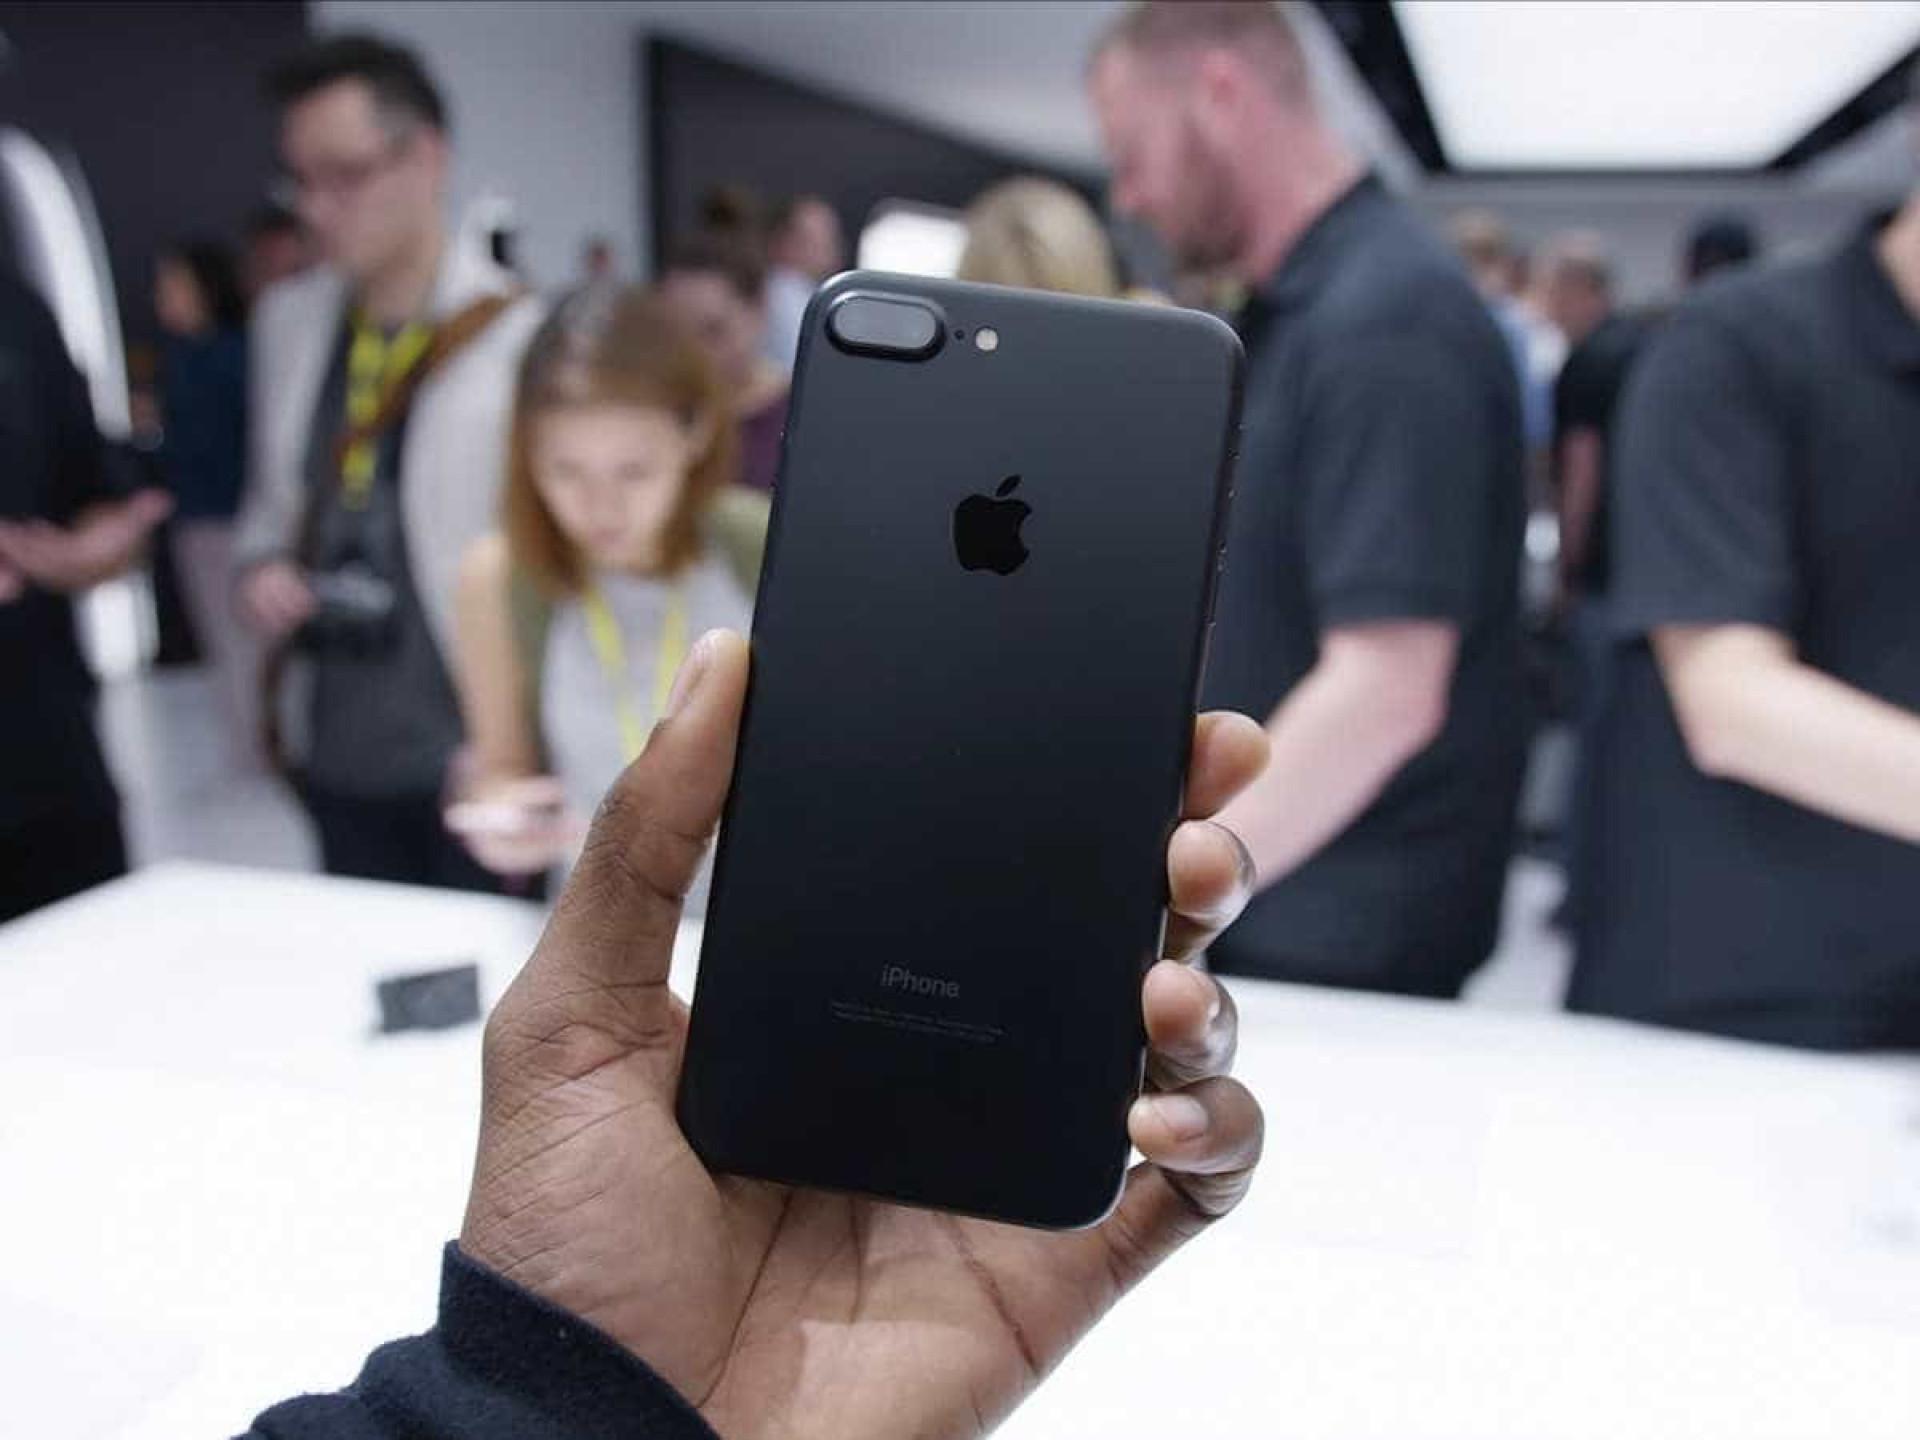 Estudo revela quais os modelos mais populares do iPhone